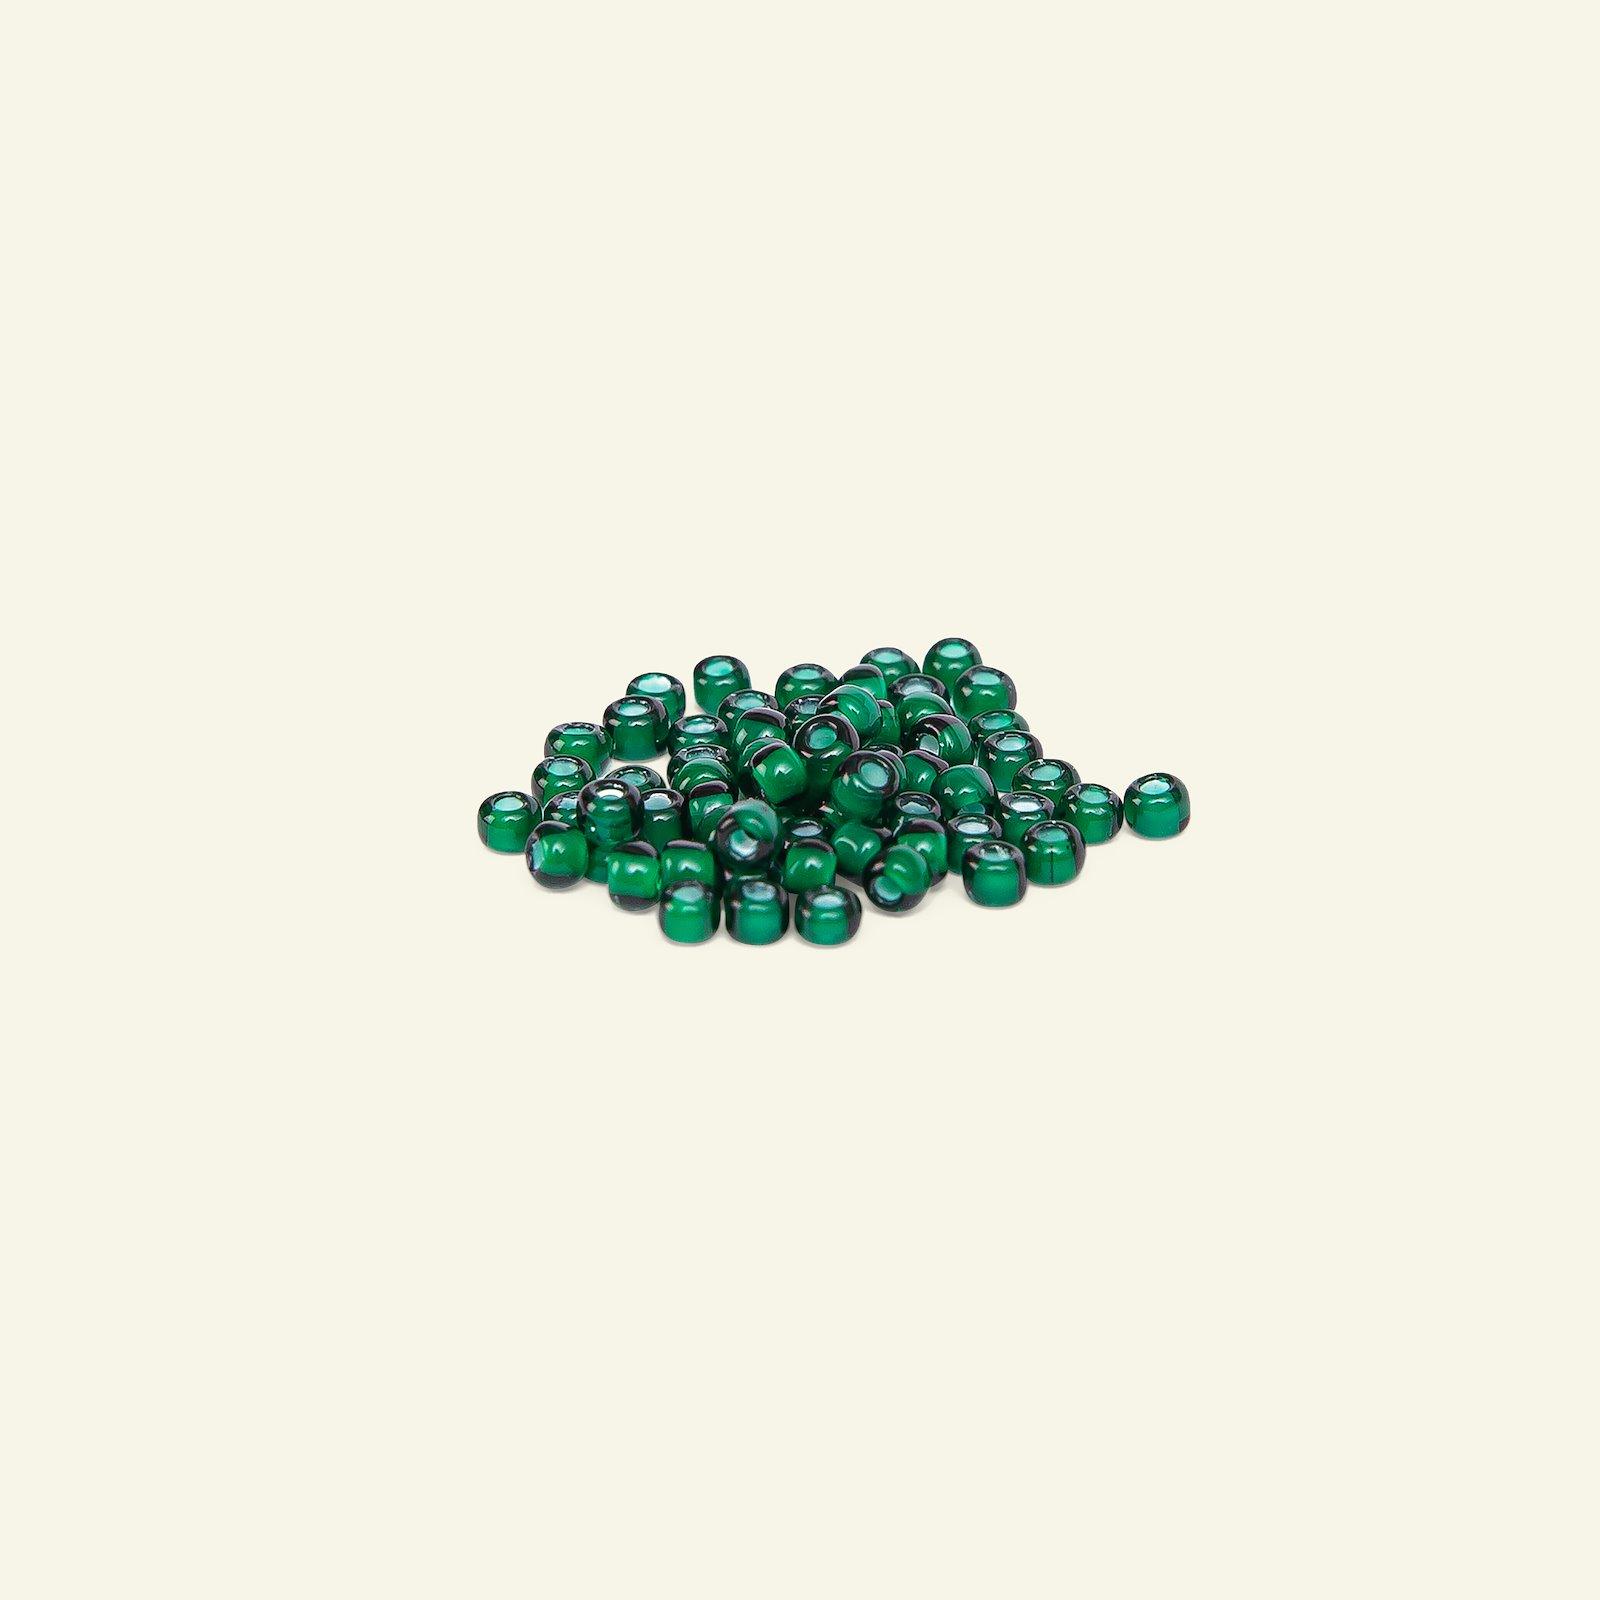 Matsuno glass bead 8/0 dark green 10g 47123_pack_b